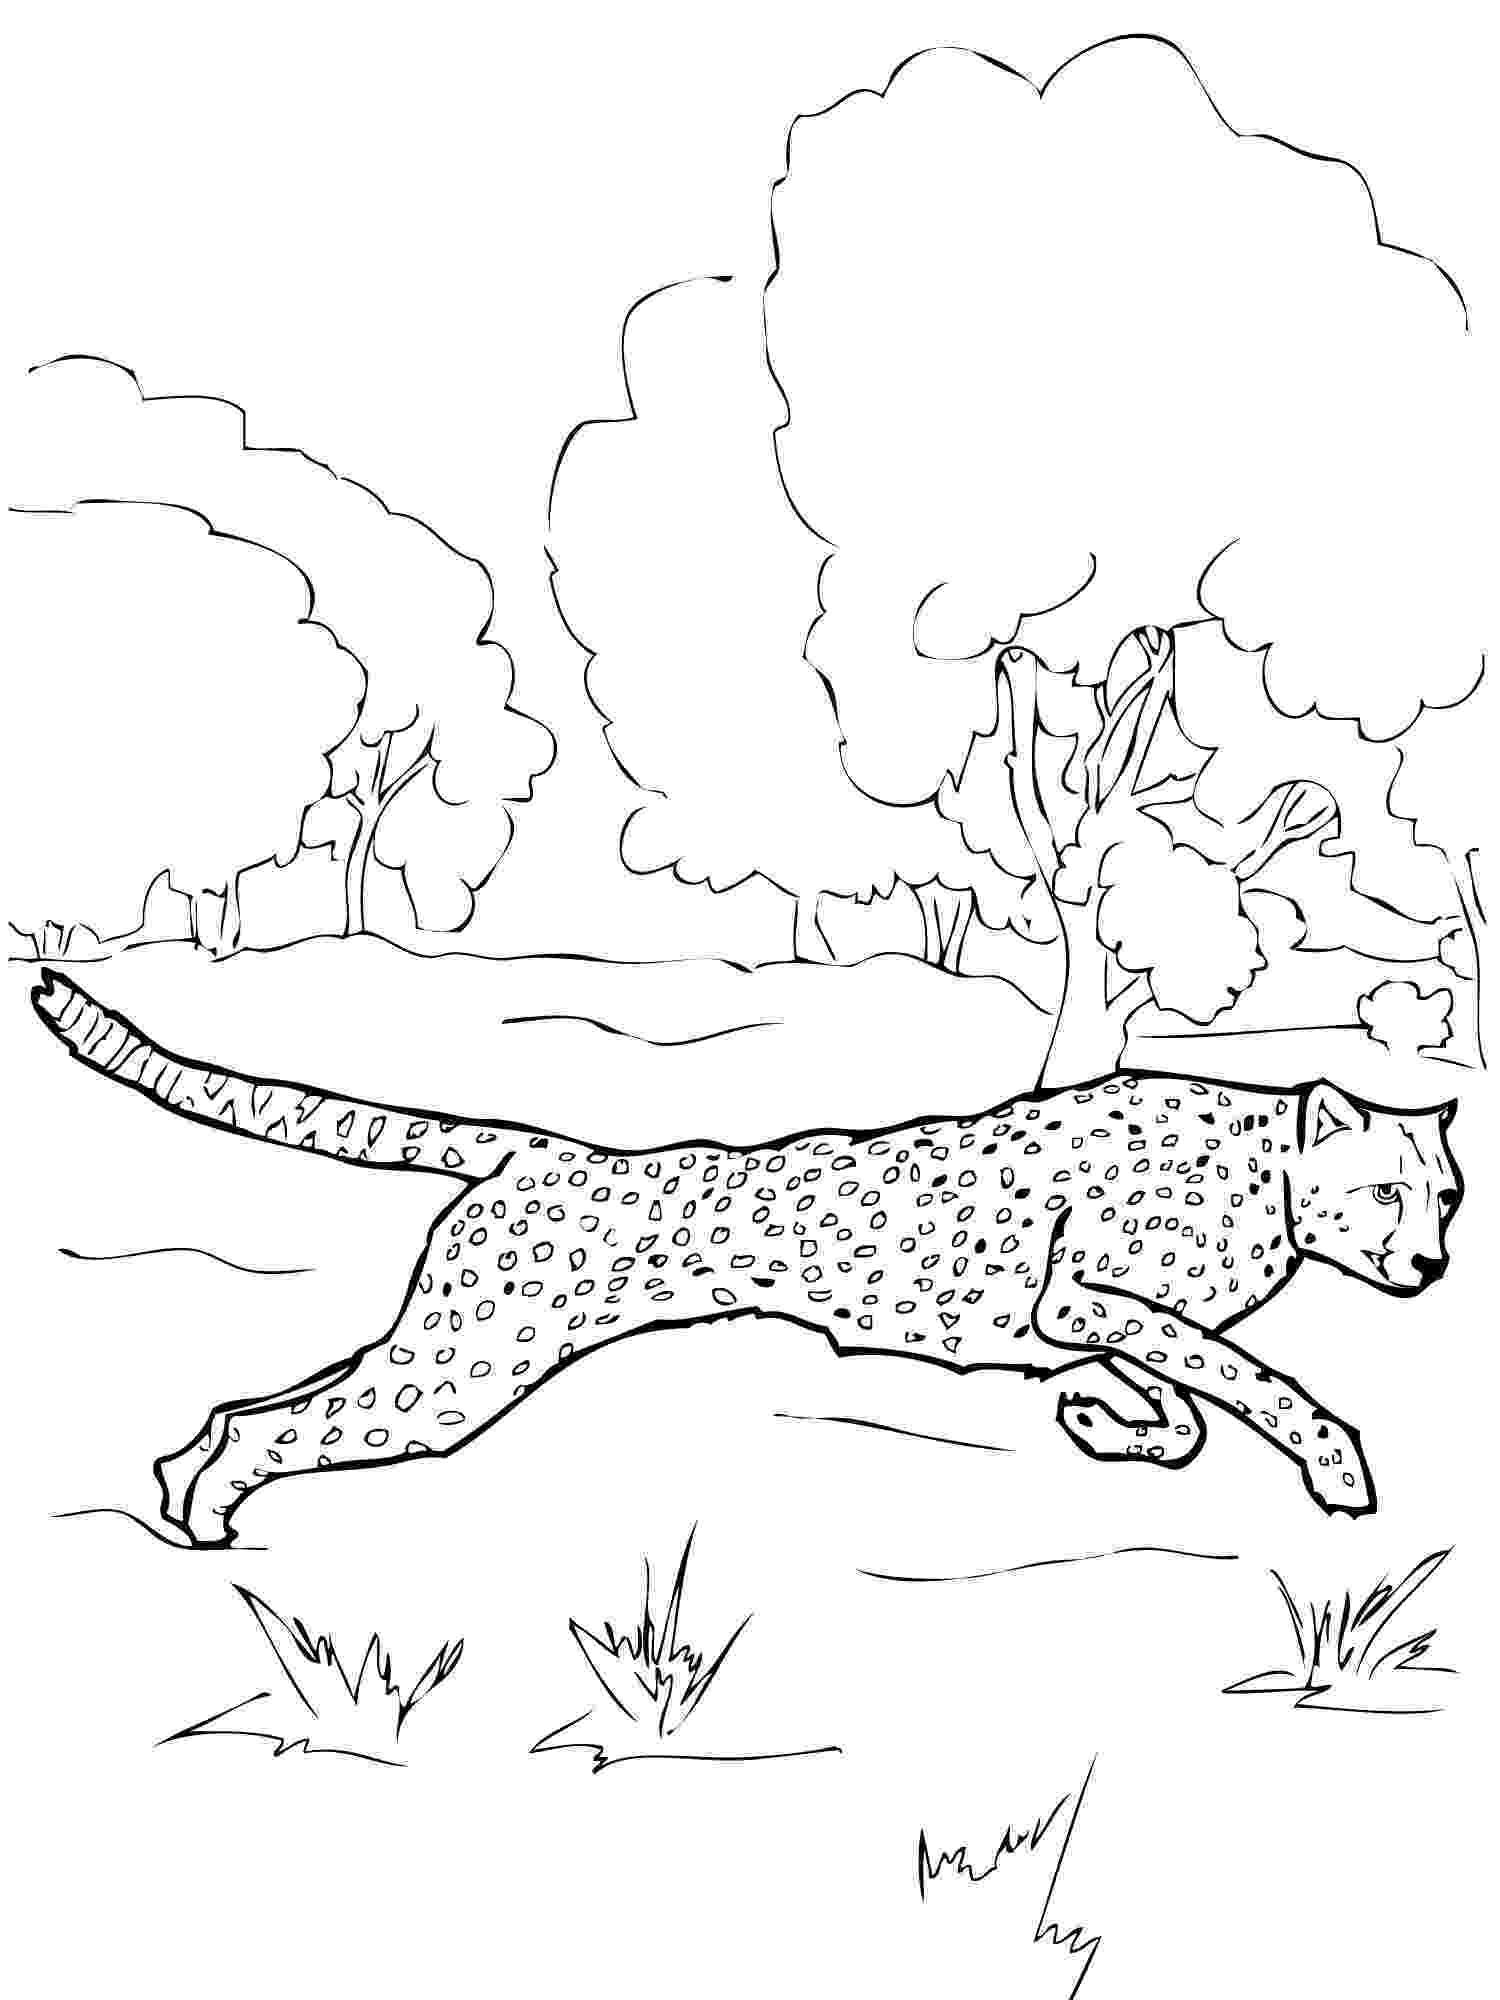 cheetah coloring page free cheetah coloring pages cheetah coloring page